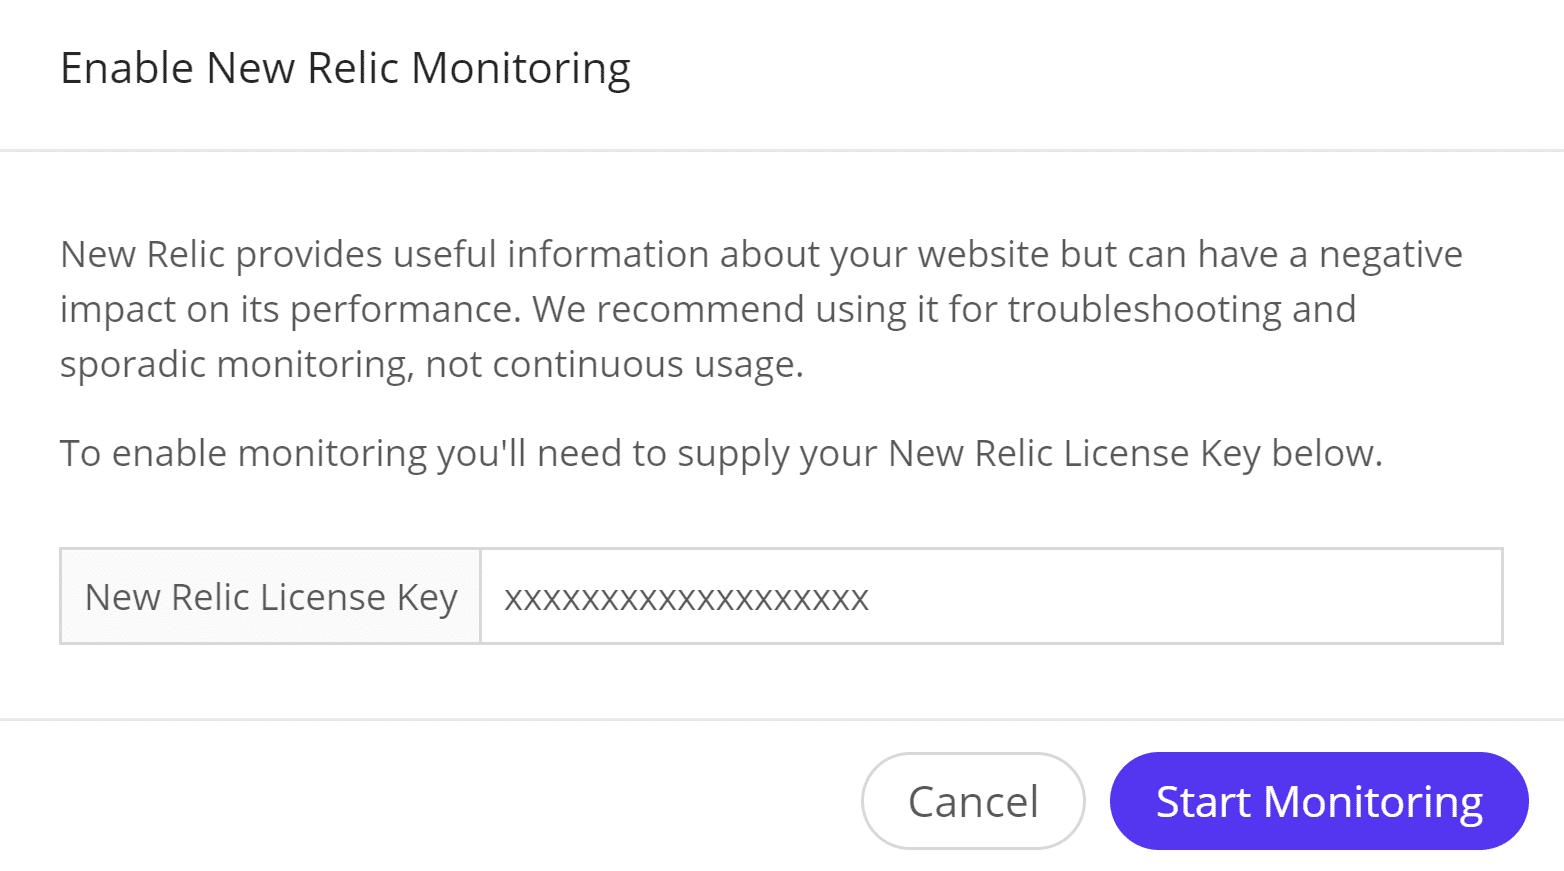 Commencer la surveillance avec New Relic